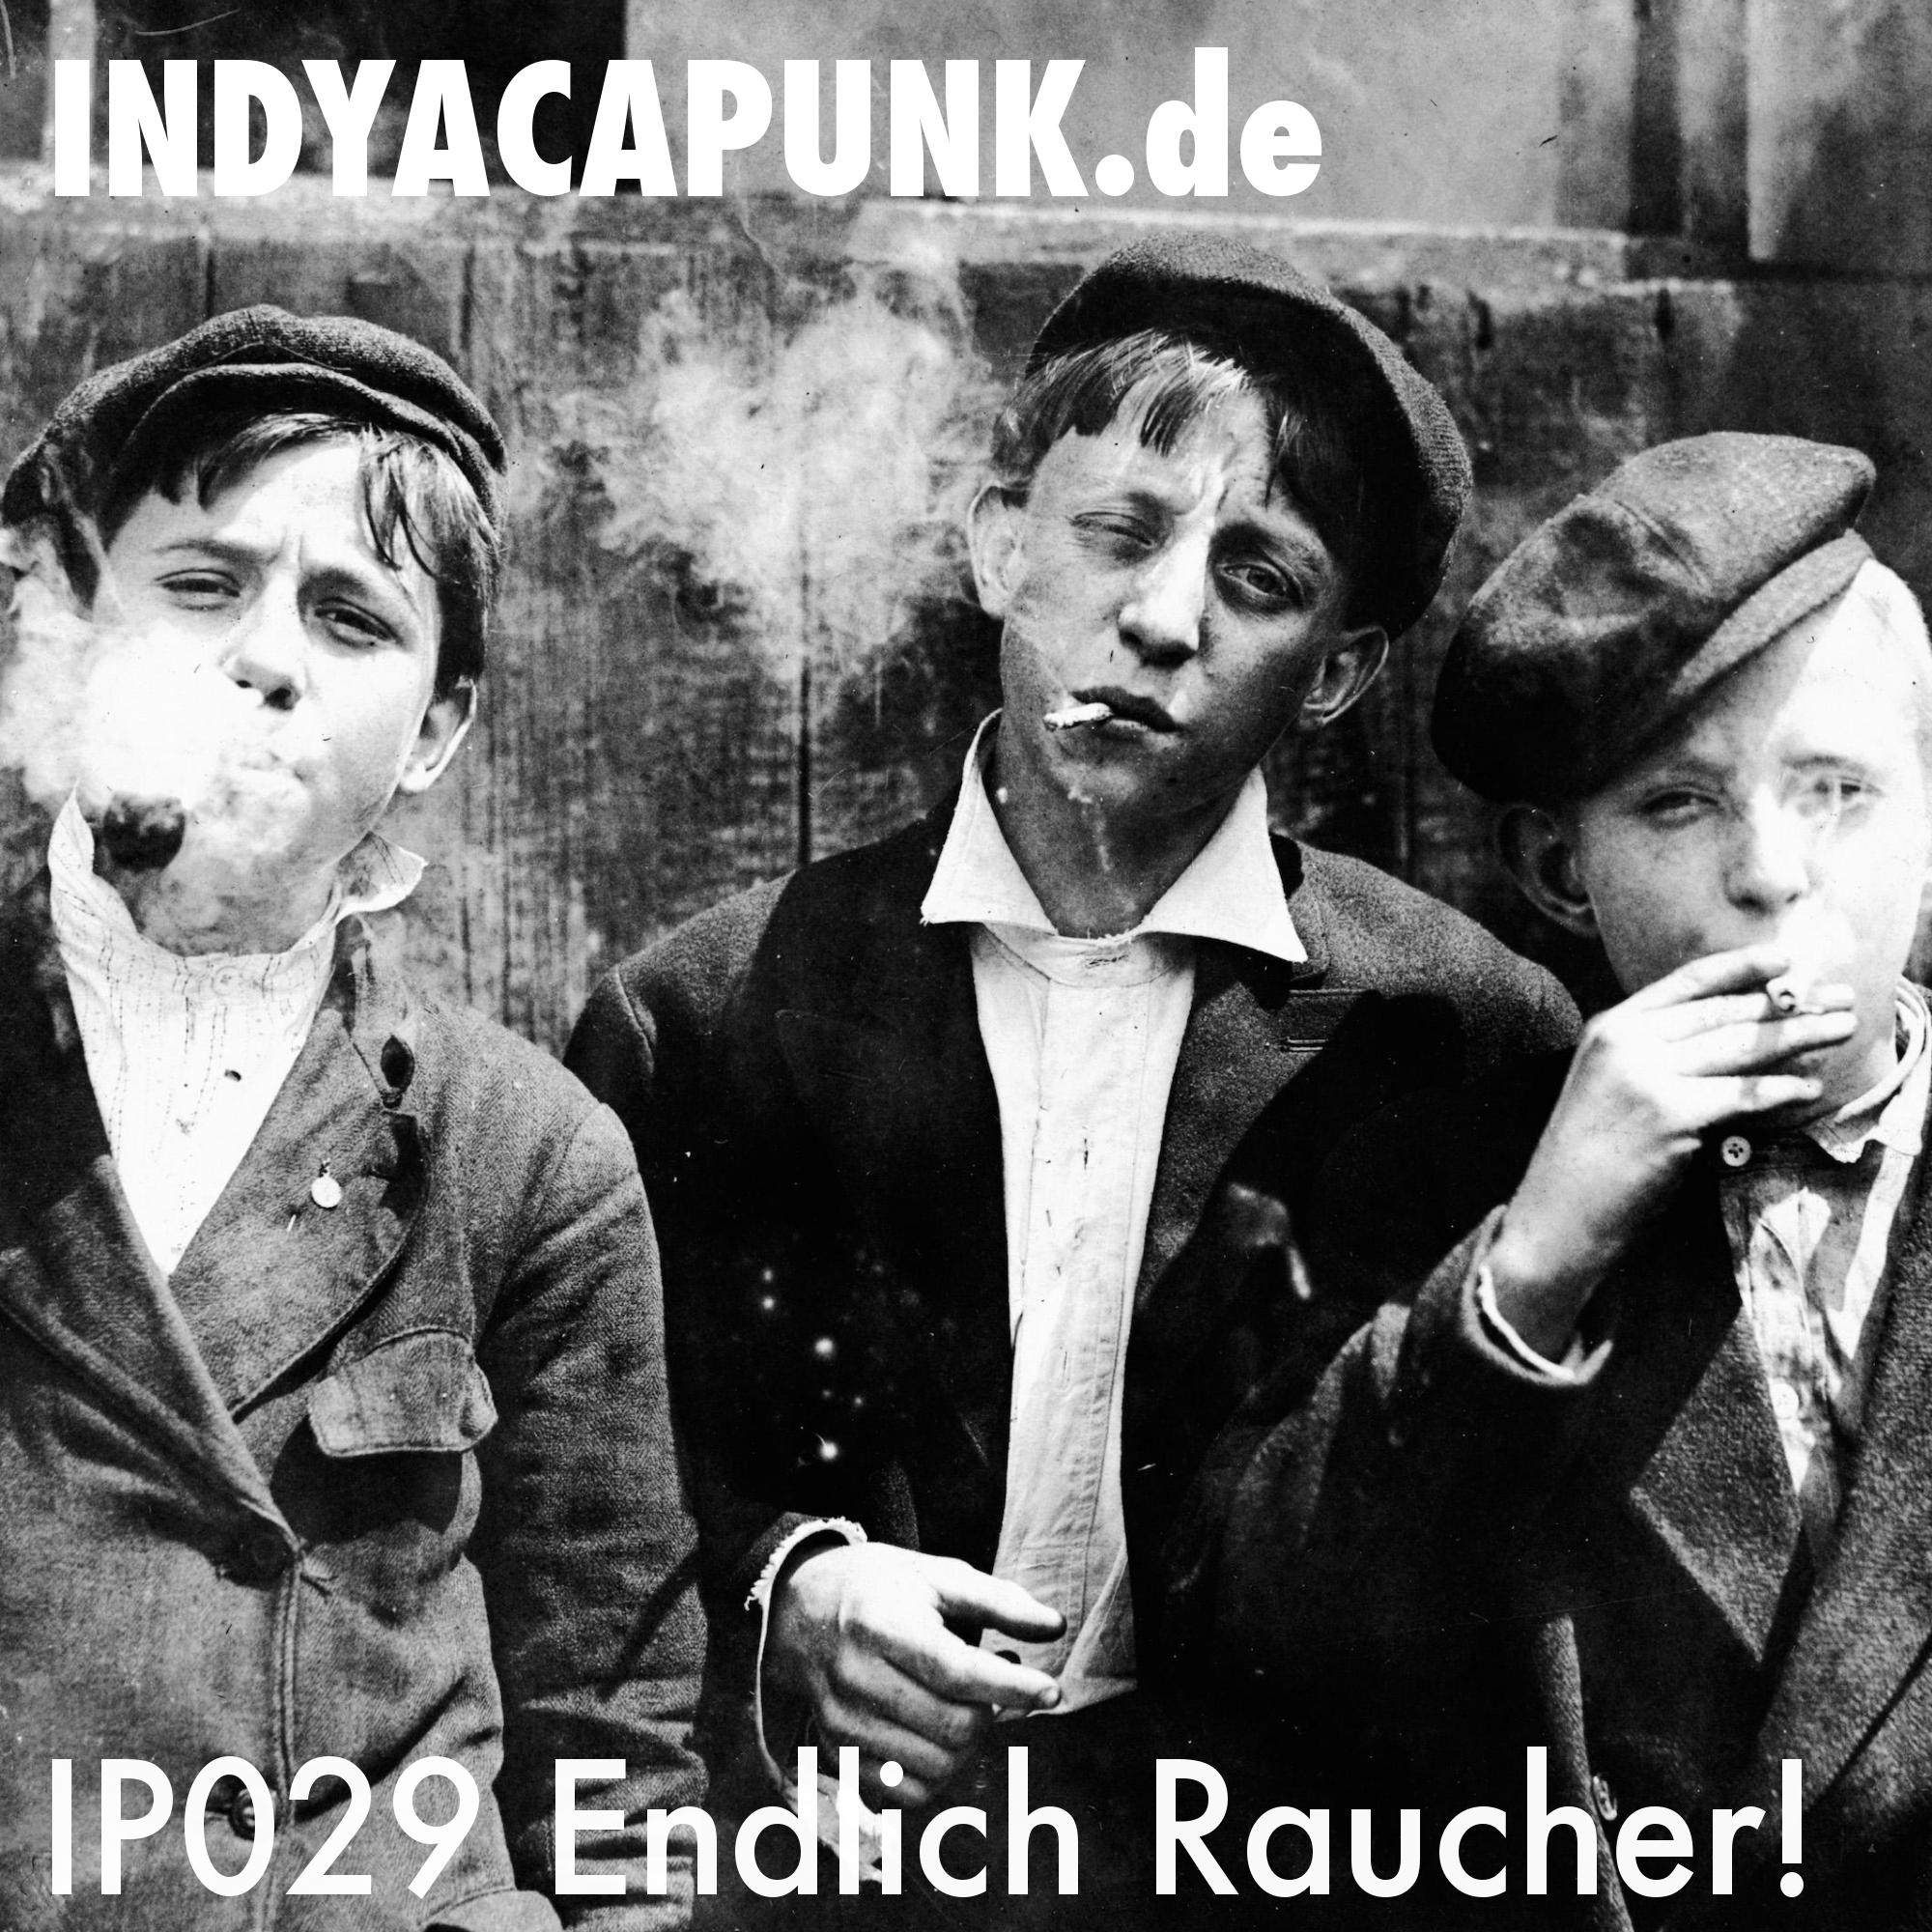 IP029 Endlich Raucher!